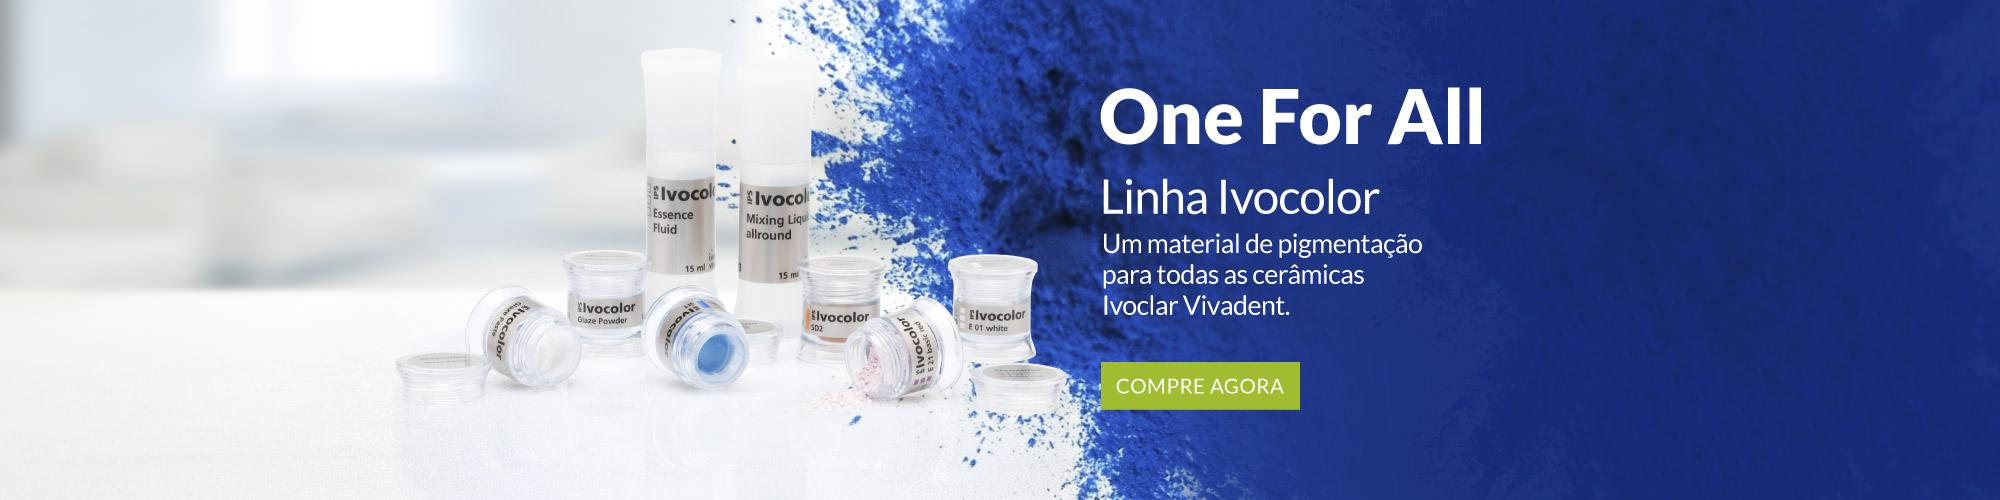 One For All - Linha Ivoclor - Um material de pigmentação para todas as cerâmicas Ivoclar Vivadent.